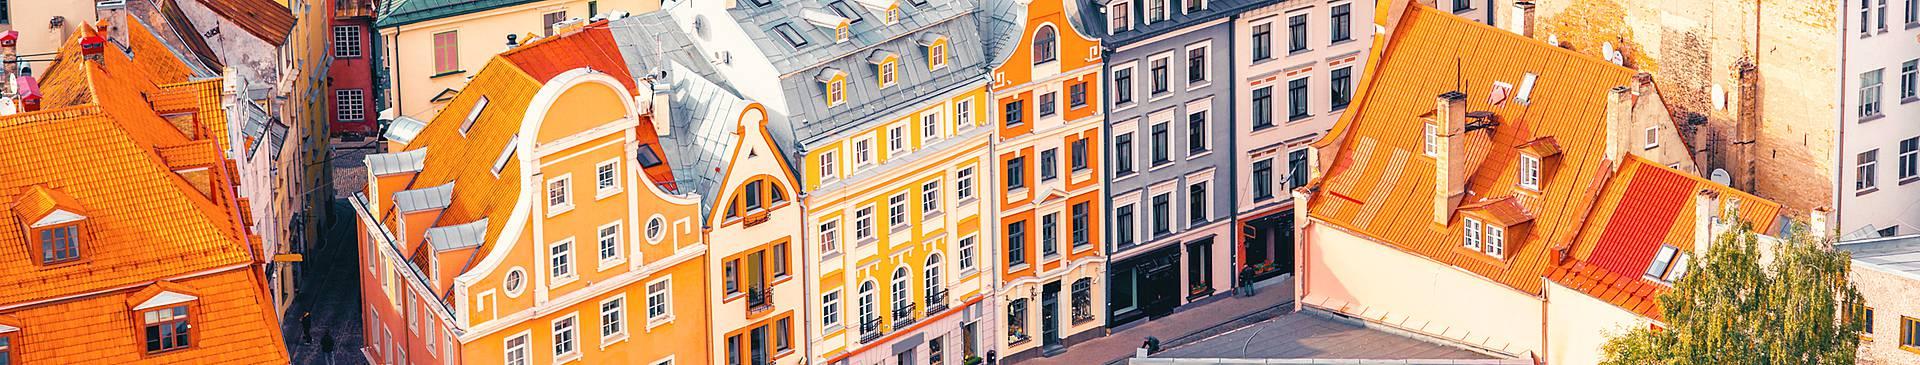 Städtereise Baltische Staaten